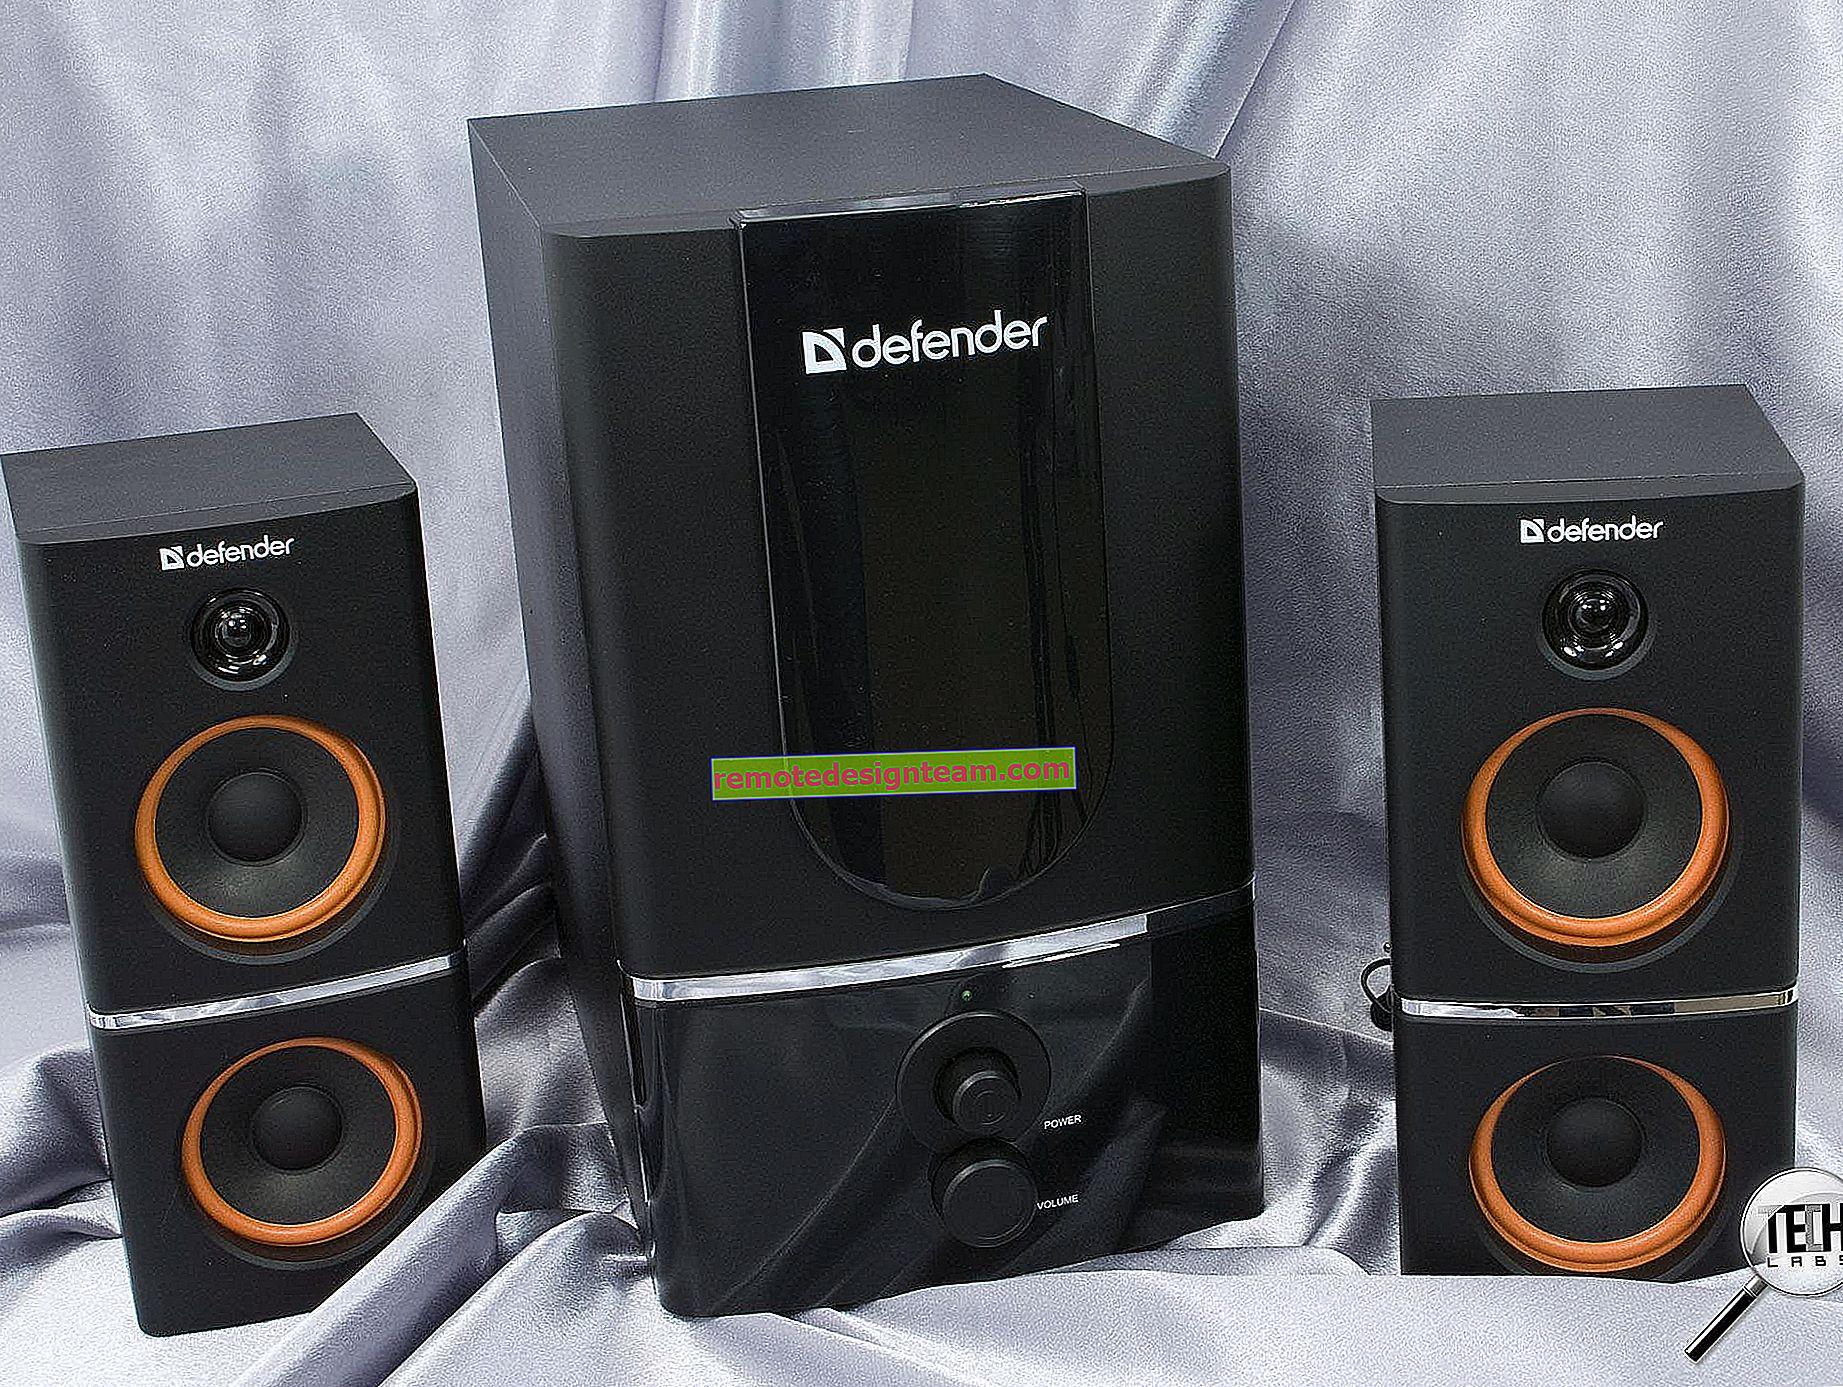 محول بلوتوث للكمبيوتر. كيفية اختيار؟